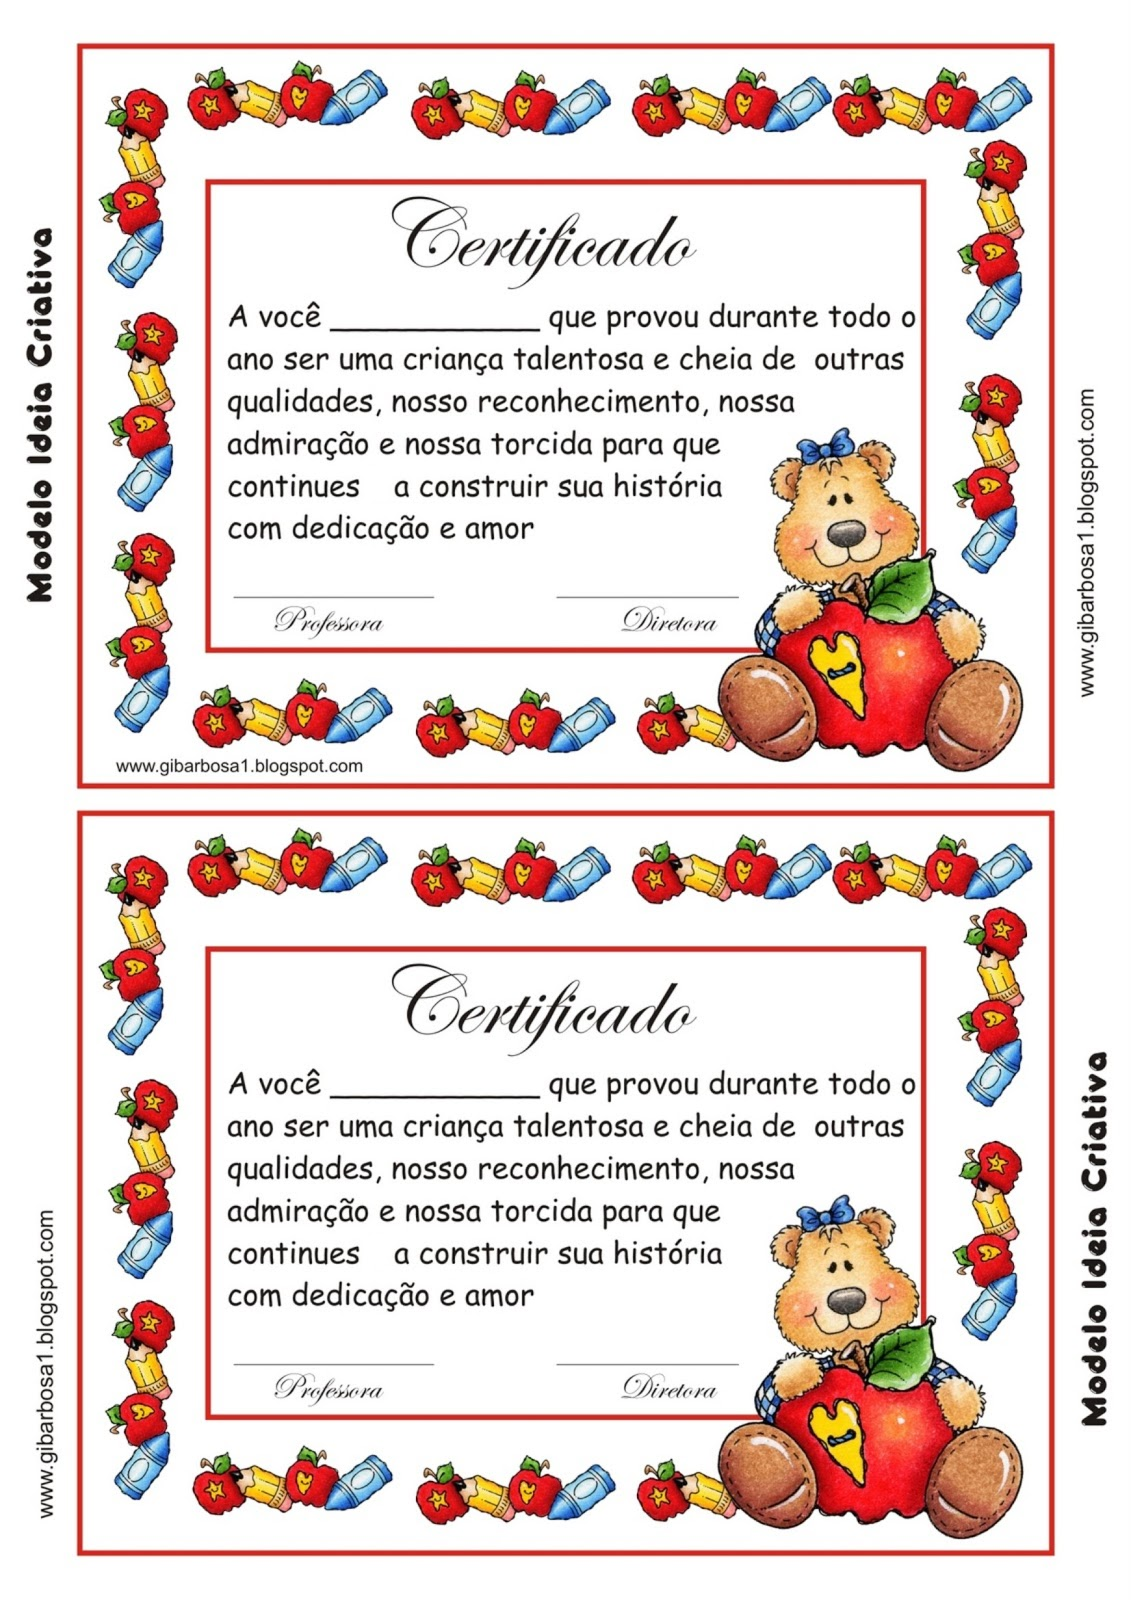 Populares Certificado de Formatura - Educação Infantil | Ideia Criativa - Gi  CN36